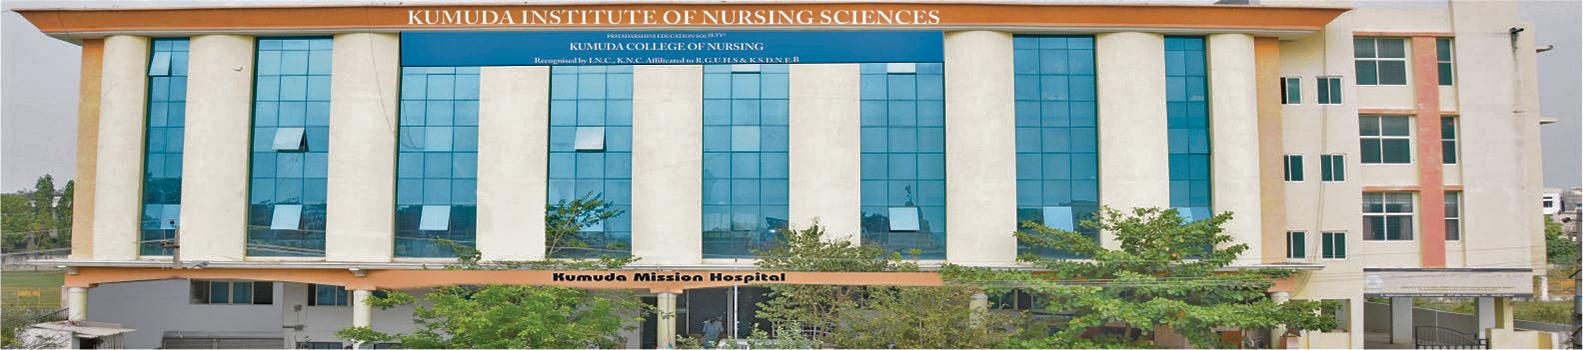 Kumuda Institute of Nursing Sciences